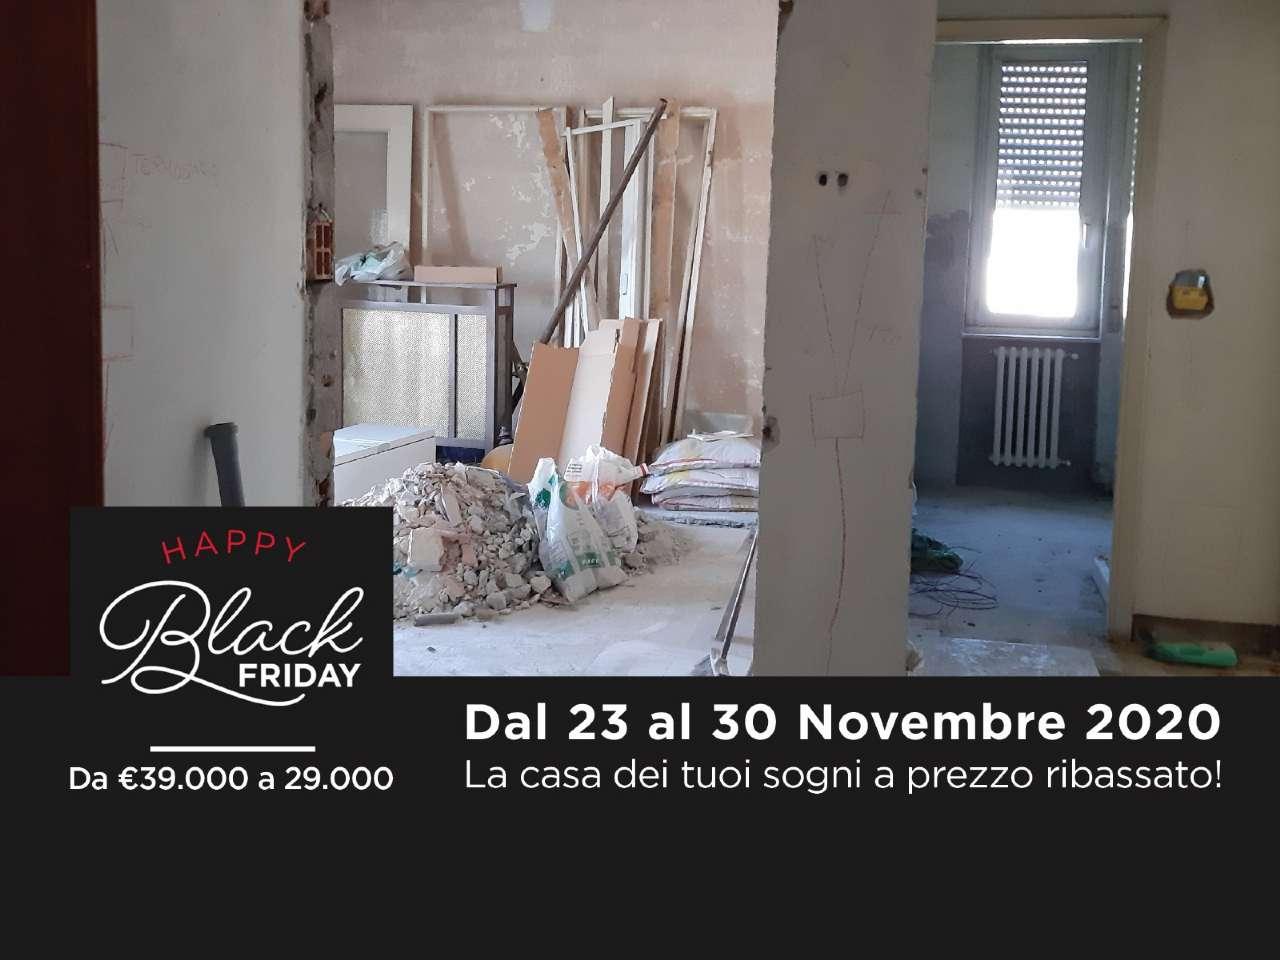 Appartamento in vendita a Caprino Bergamasco, 3 locali, prezzo € 29.000 | PortaleAgenzieImmobiliari.it